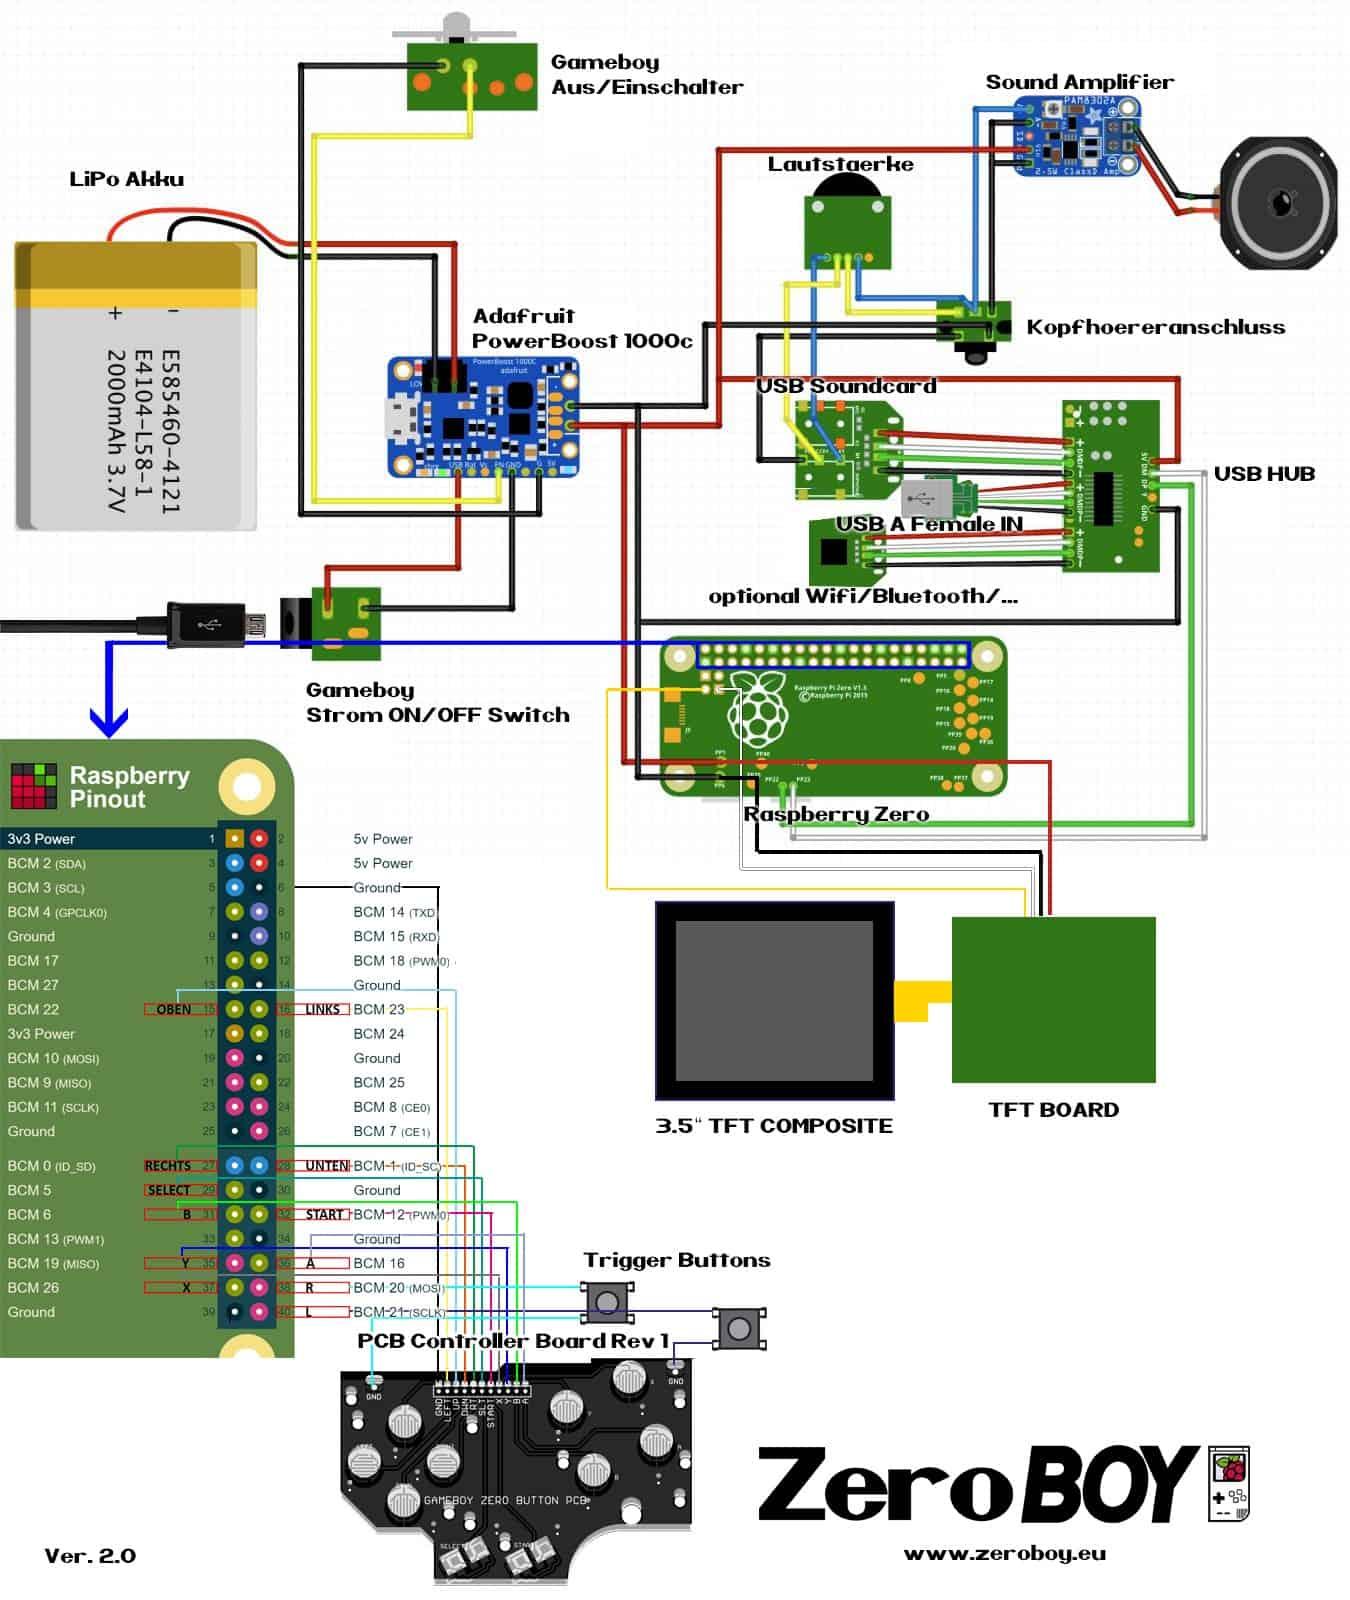 Fantastisch Brecherkasten Diagramm Fotos - Elektrische Schaltplan ...